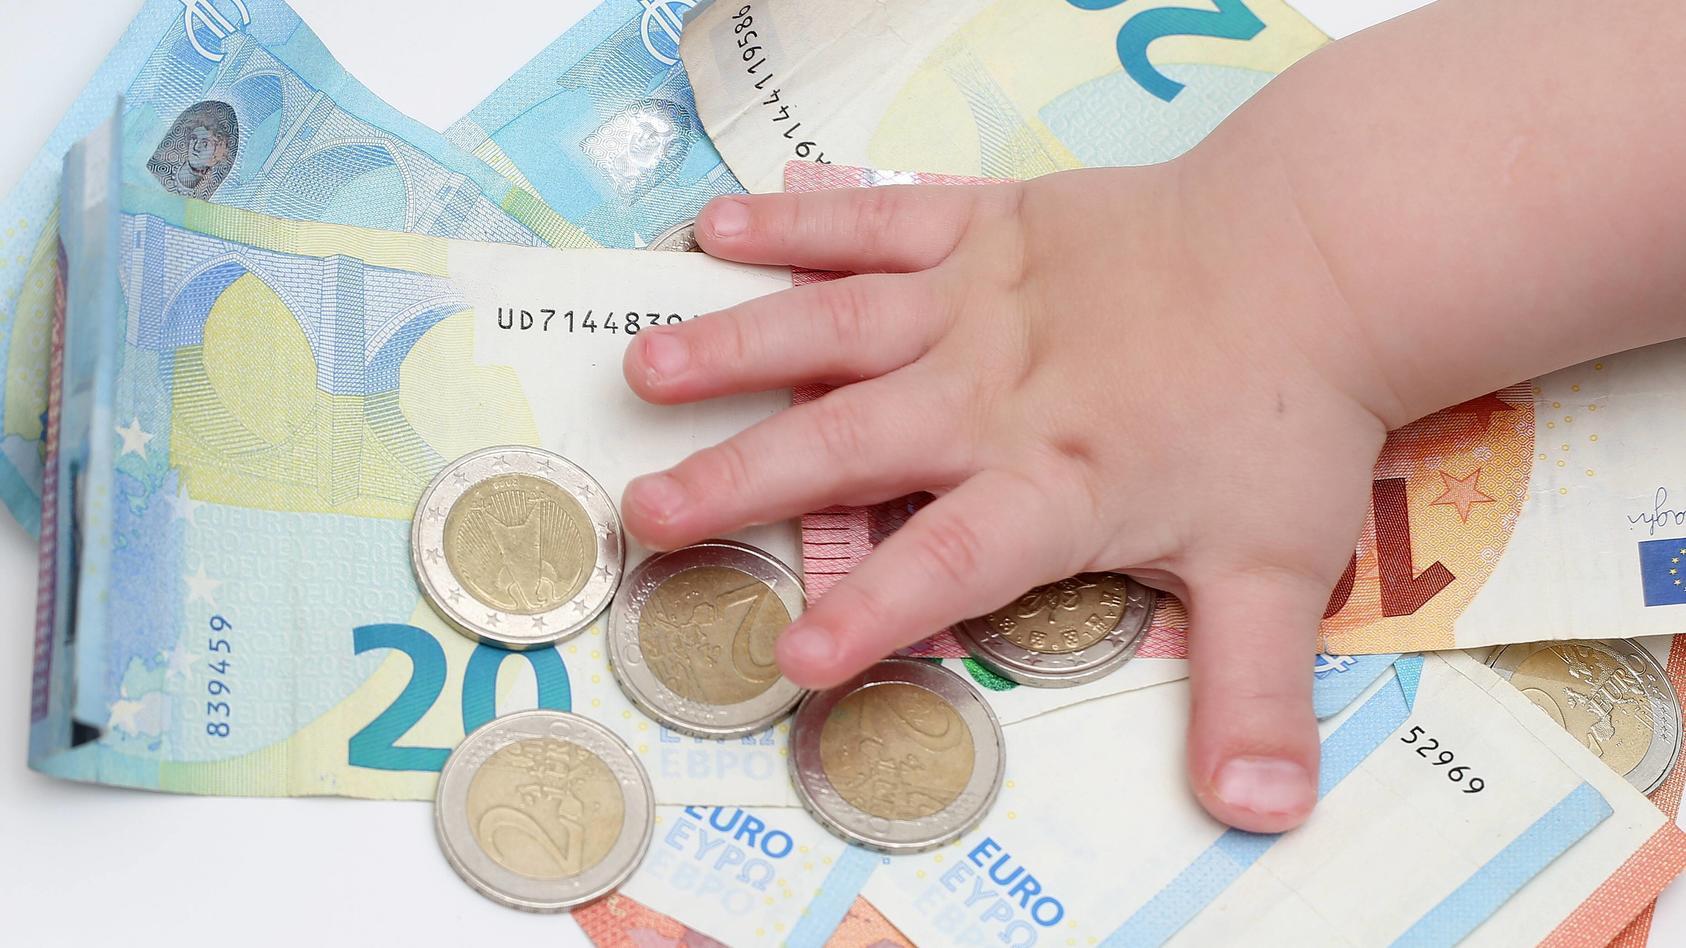 Symbolbild Geld 28.11.18, Symbolbild Geld, Kinderhand greift nach Stapel von 2 Euro Muenzen auf Geldscheinen Berlin Ber